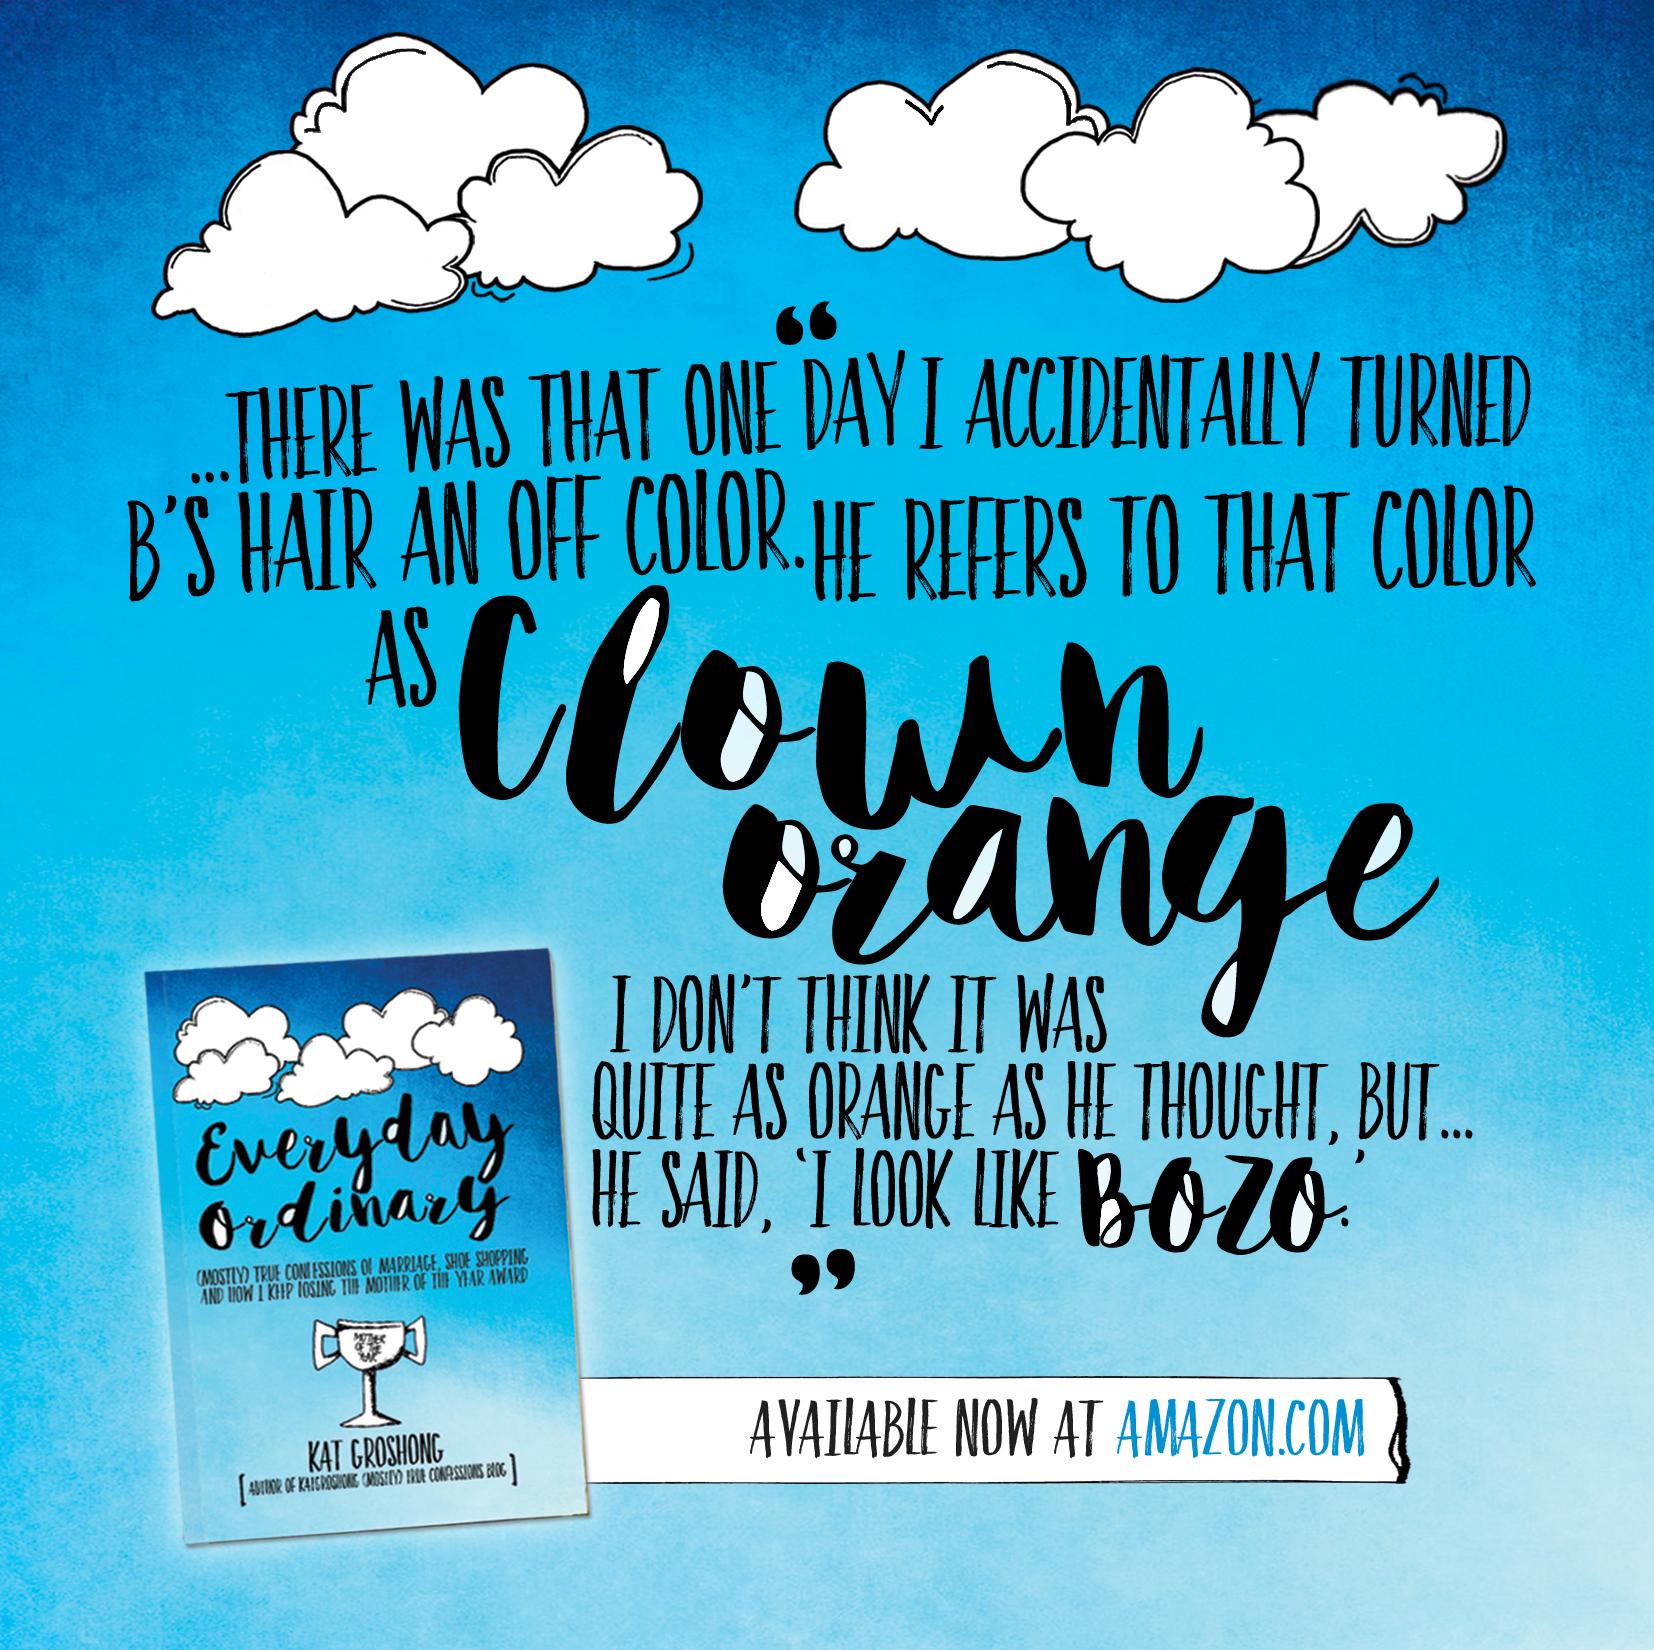 Clown Orange Quote_promoRGB.jpg